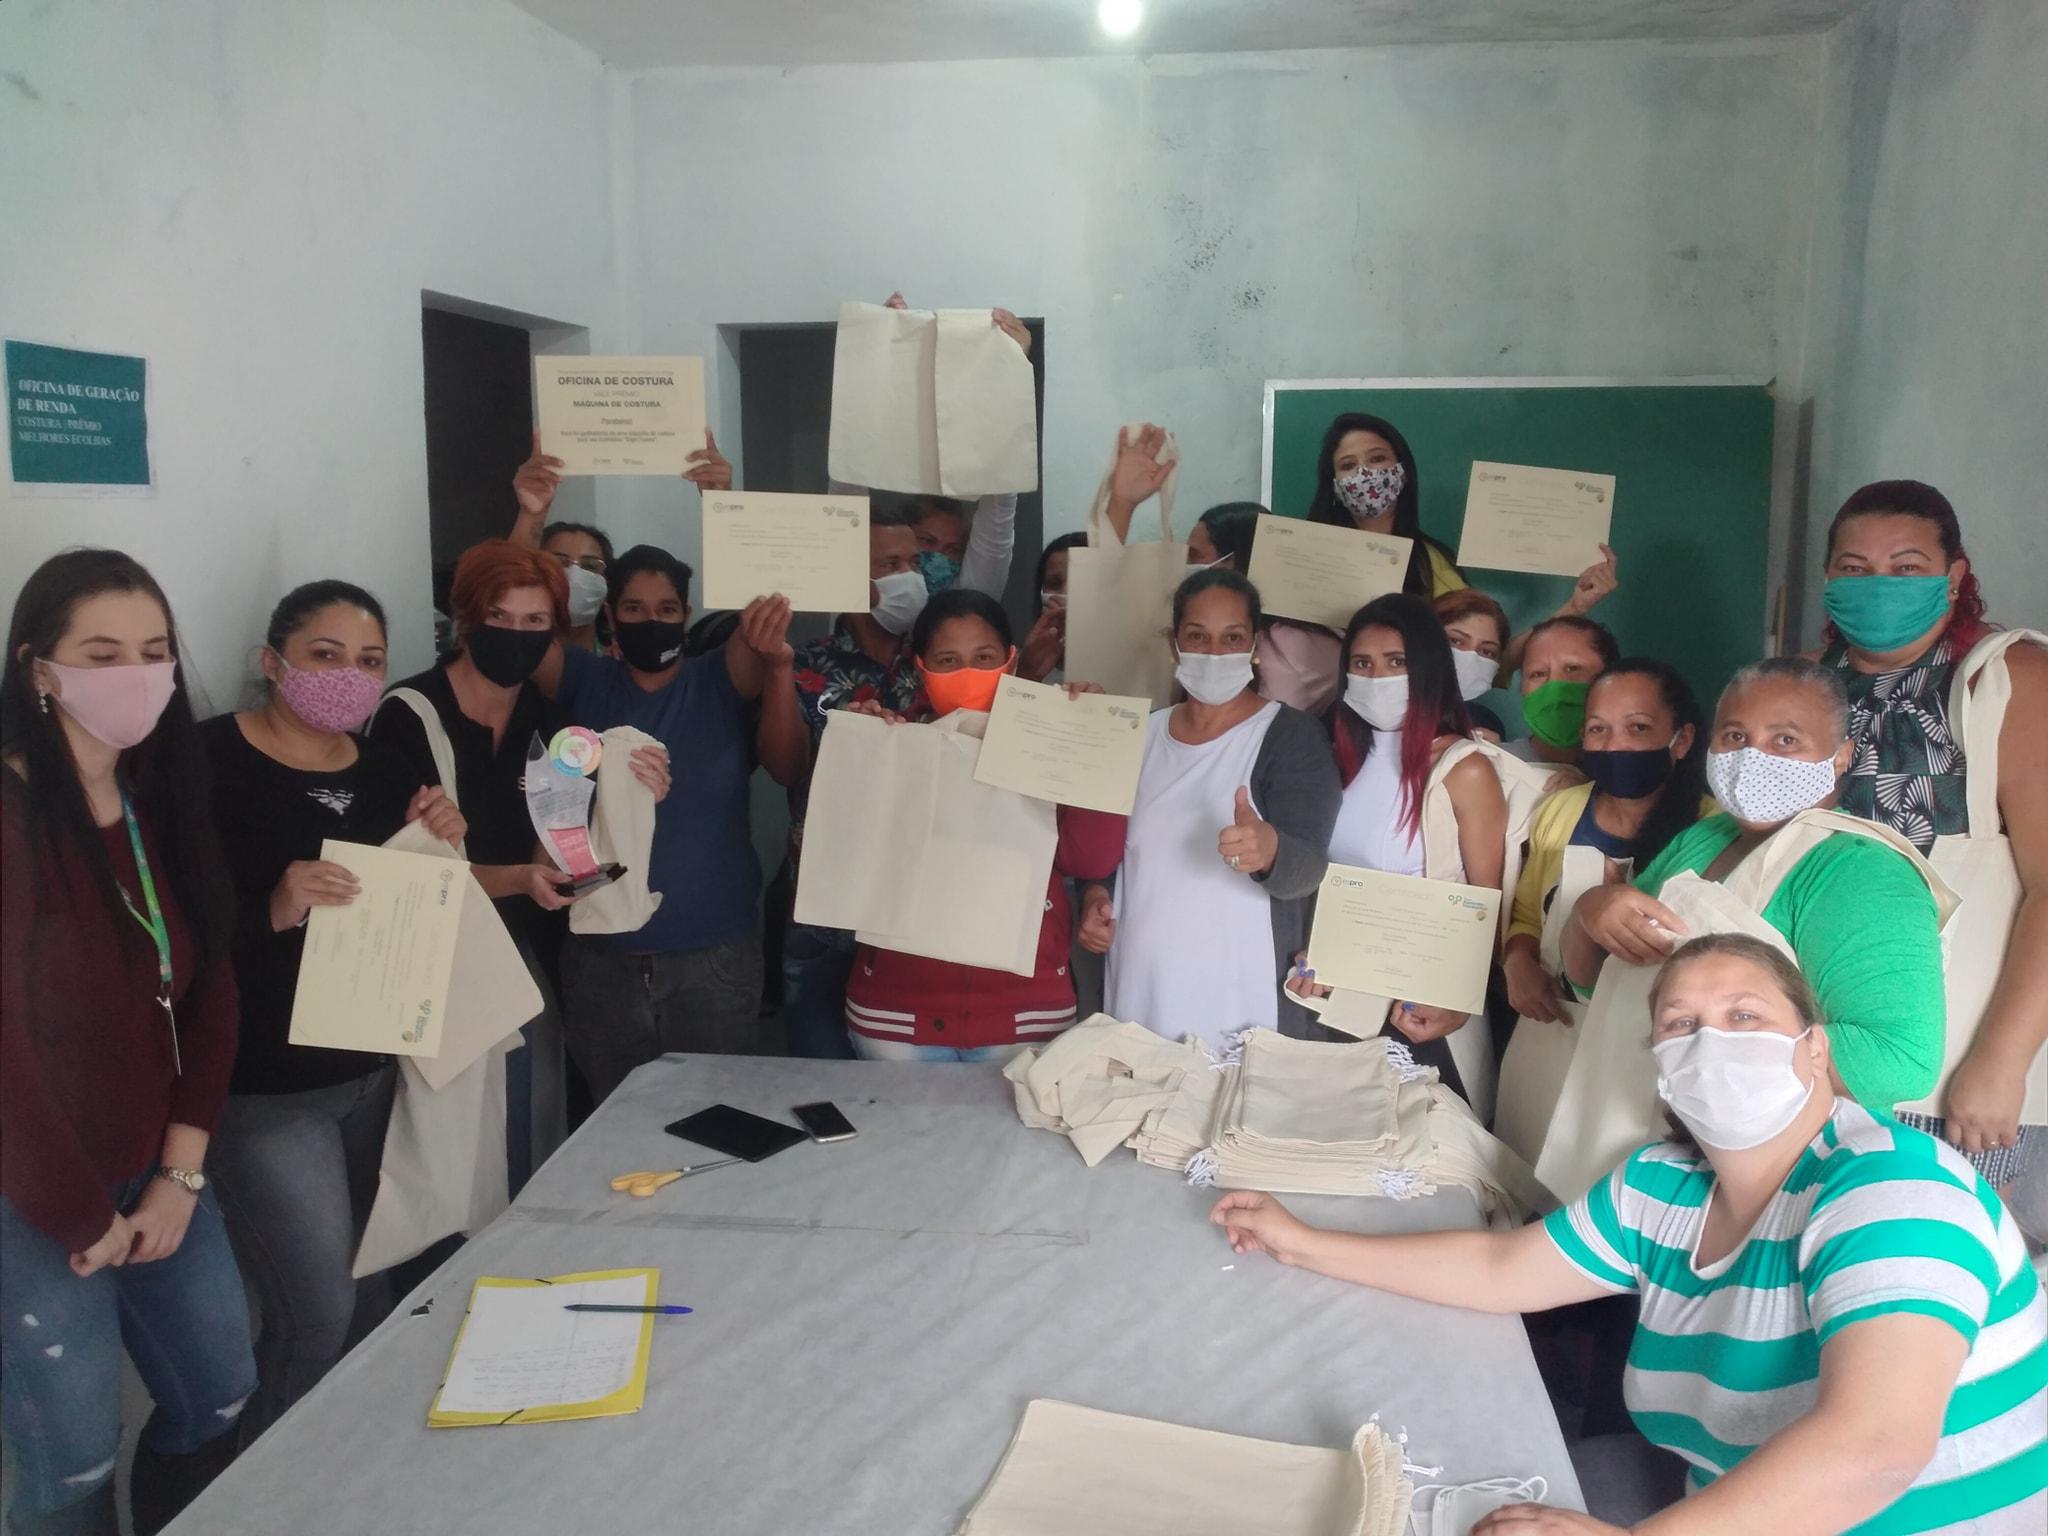 Espro realiza primeira oficina de geração de renda presencial na pandemia